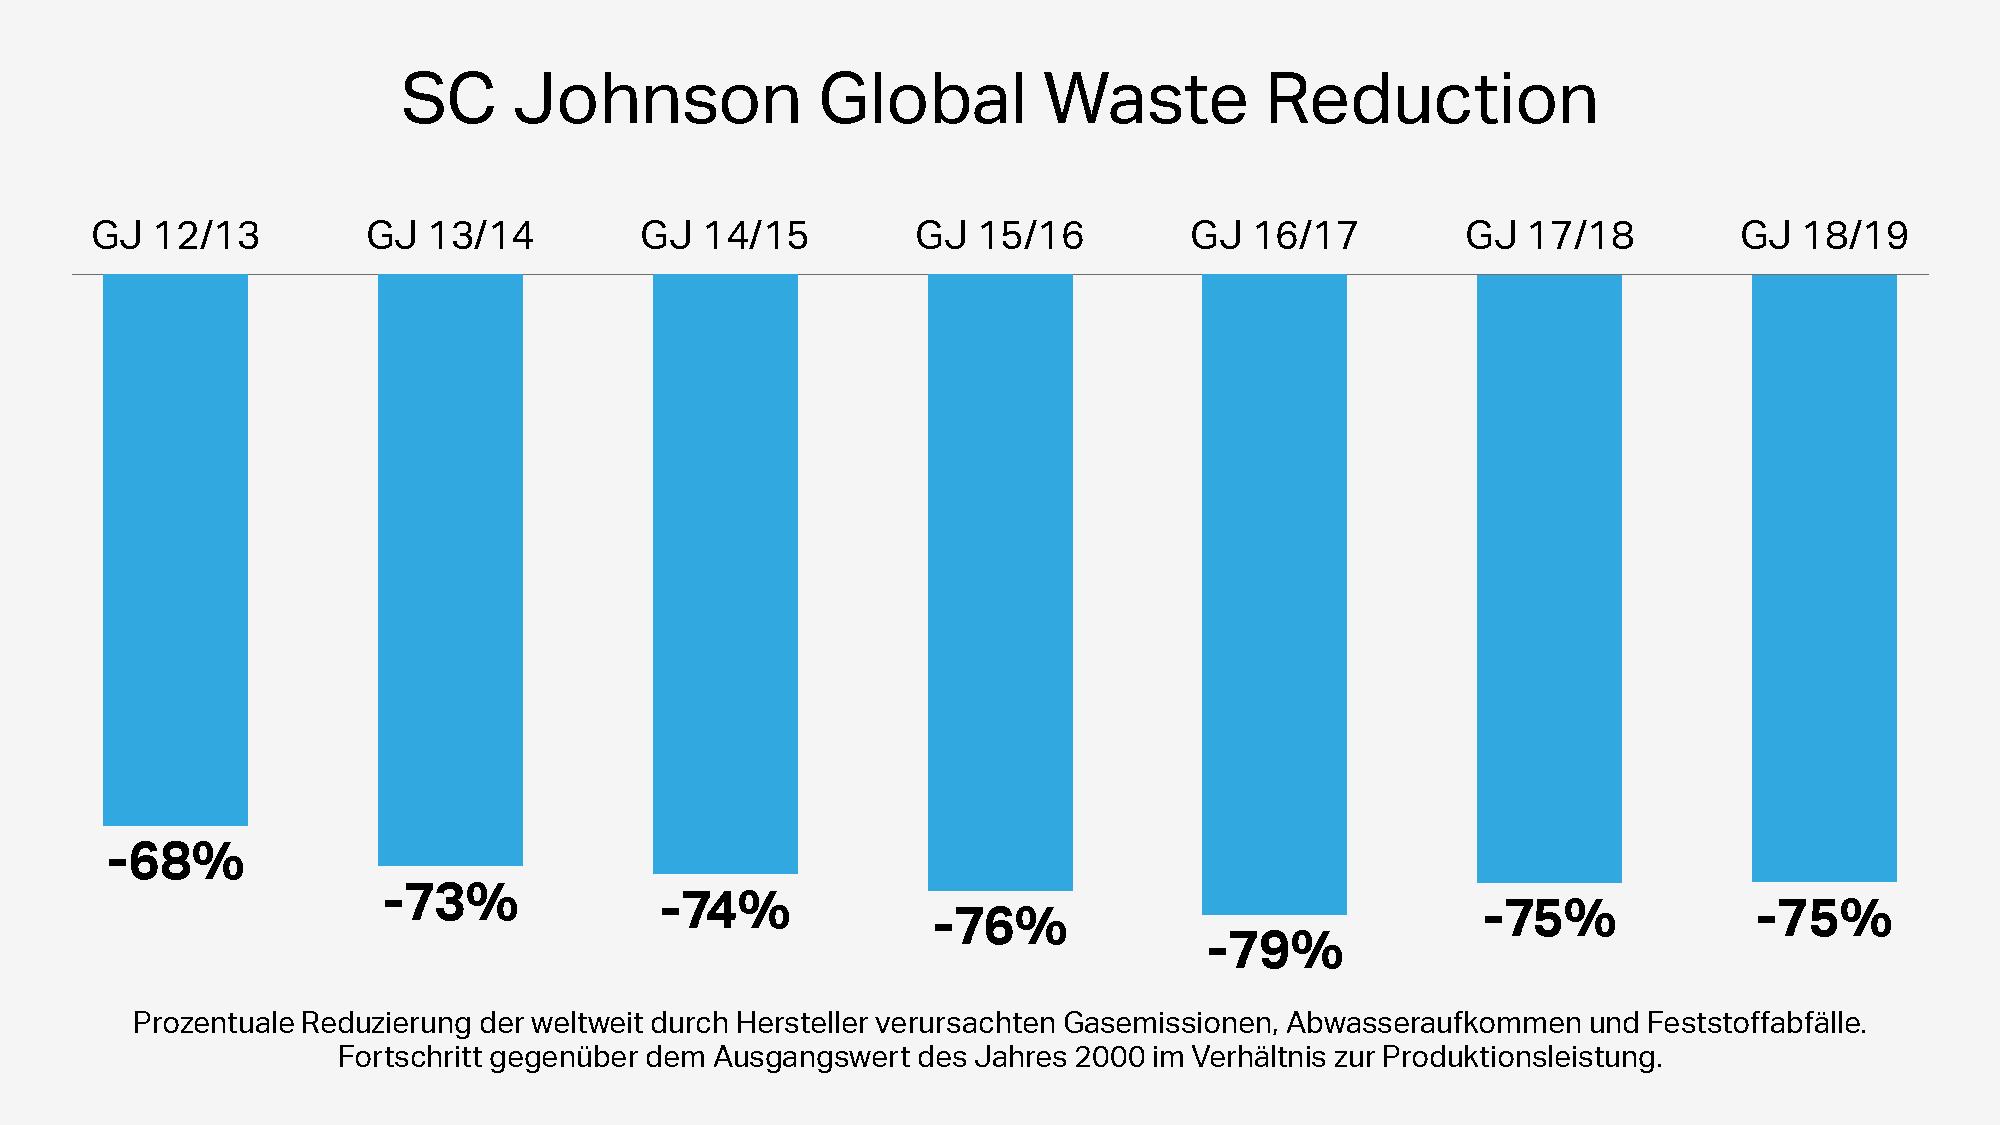 Globale Senkung der Schadstoffemissionen von SC Johnson